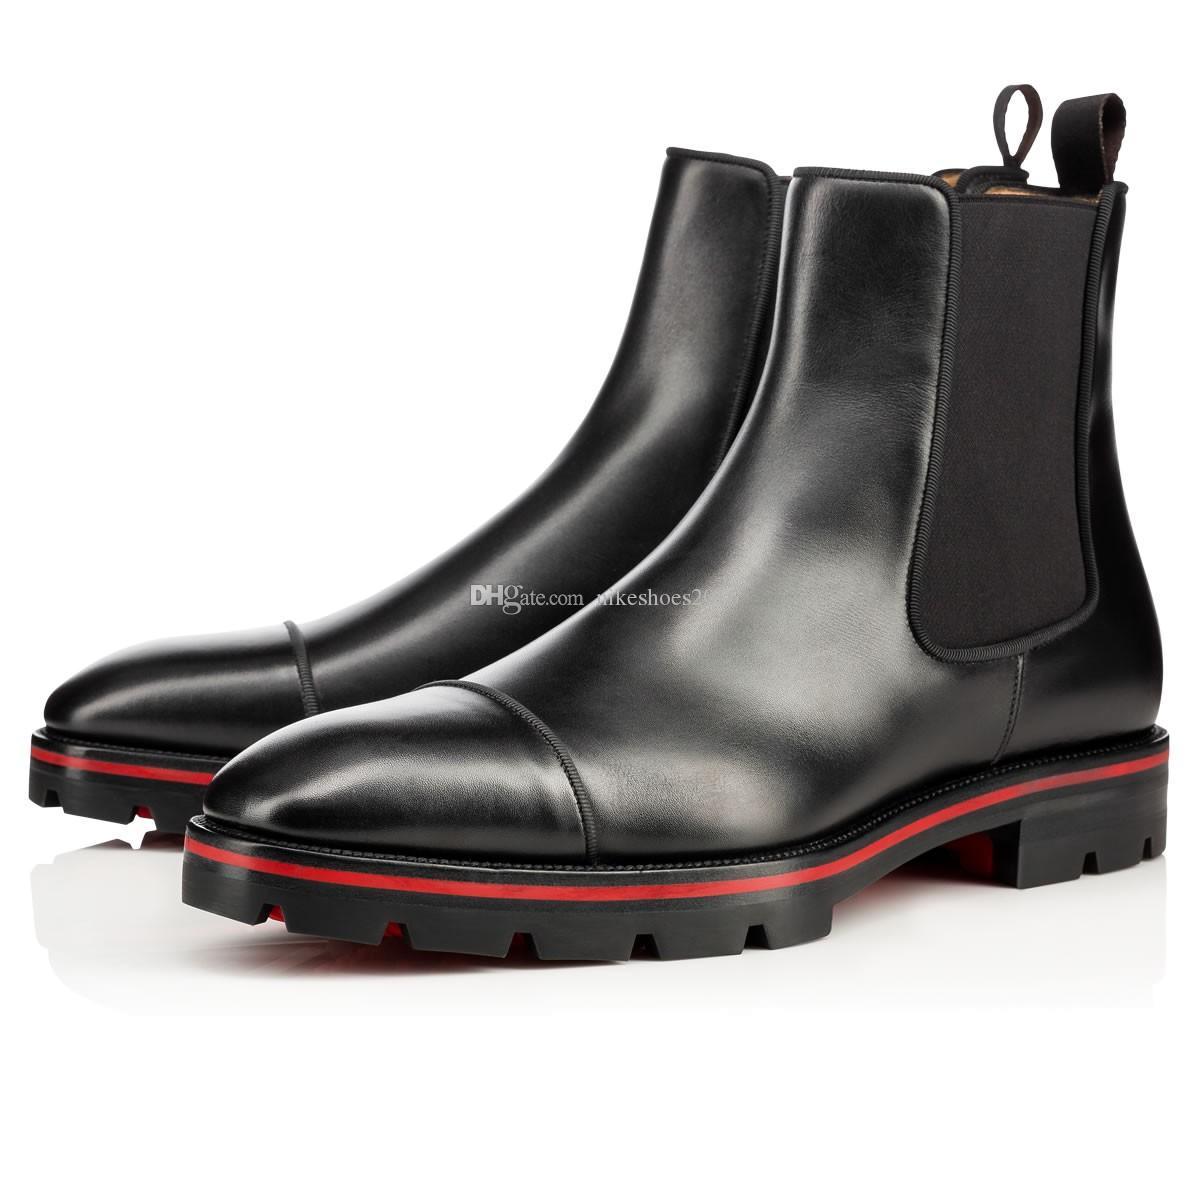 Los diseñadores de fondo de lujo para hombre de Italia Caballero Botas rojas, Negro de cuero genuino con pinchos manera ponen en cortocircuito botas rojas soles botas para hombre de los zapatos para mujer